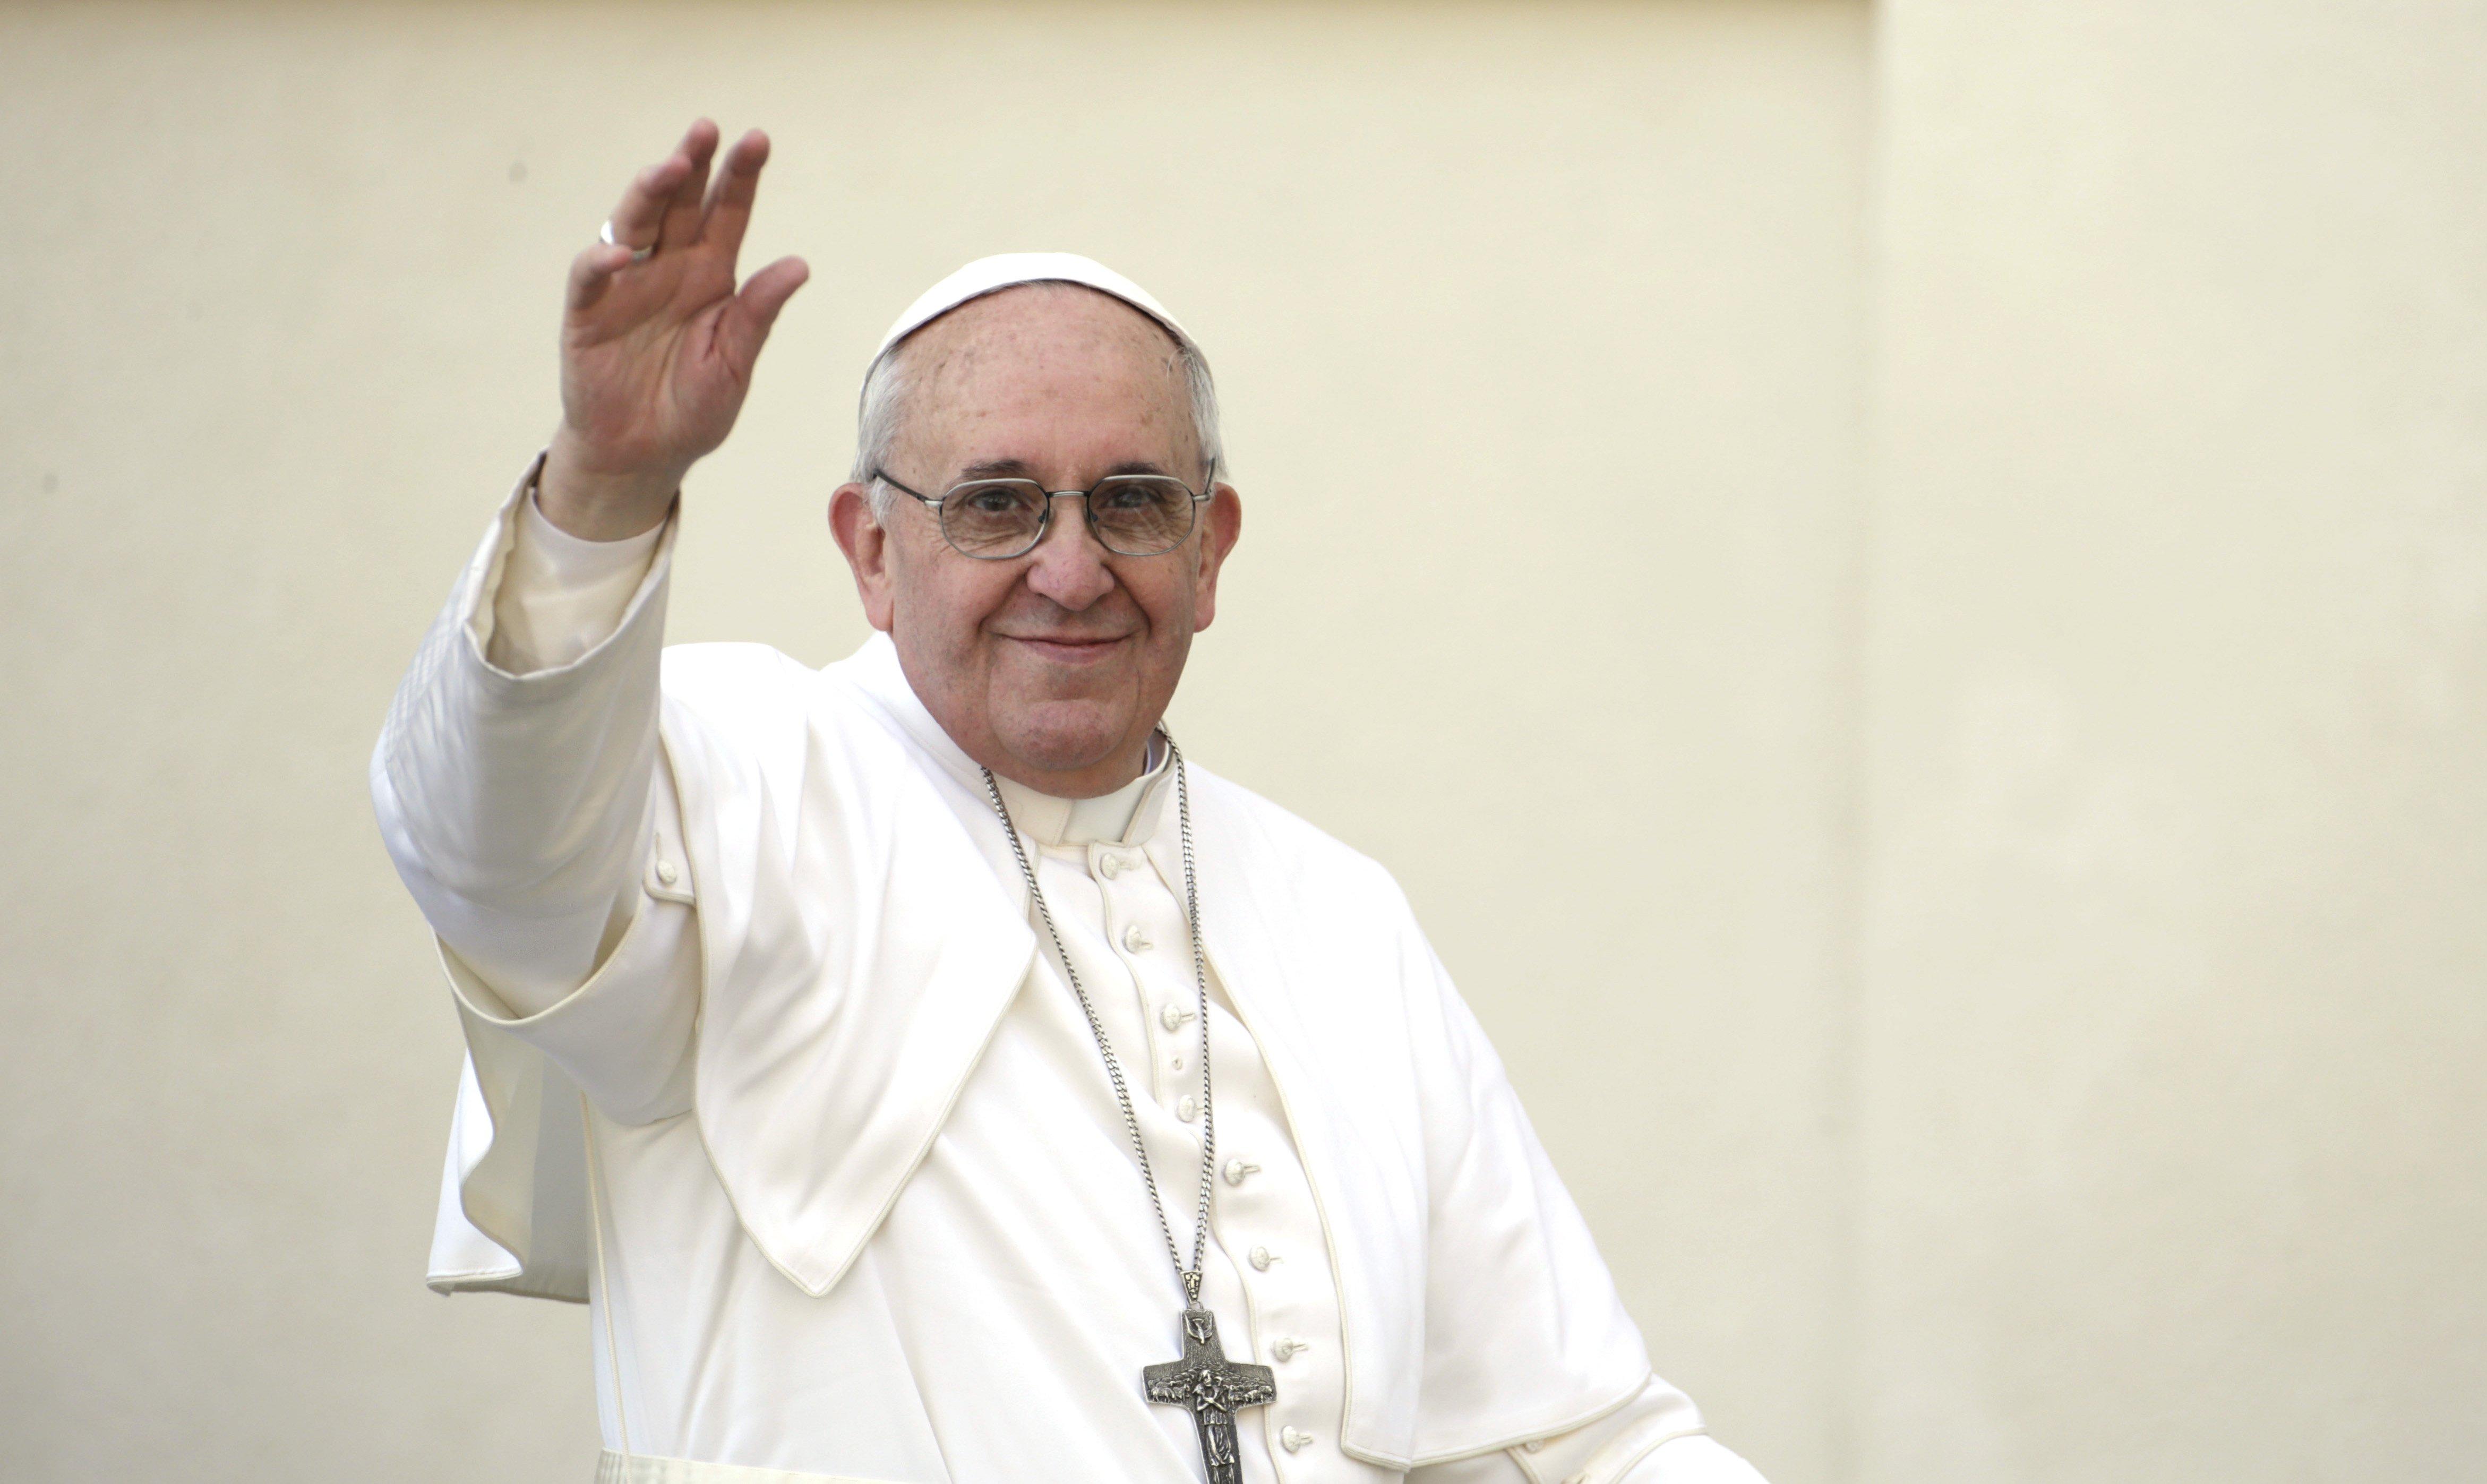 El Papa dice que la libertad de expresión tiene sus límites y que no se puede provocar ni ofender a la religión